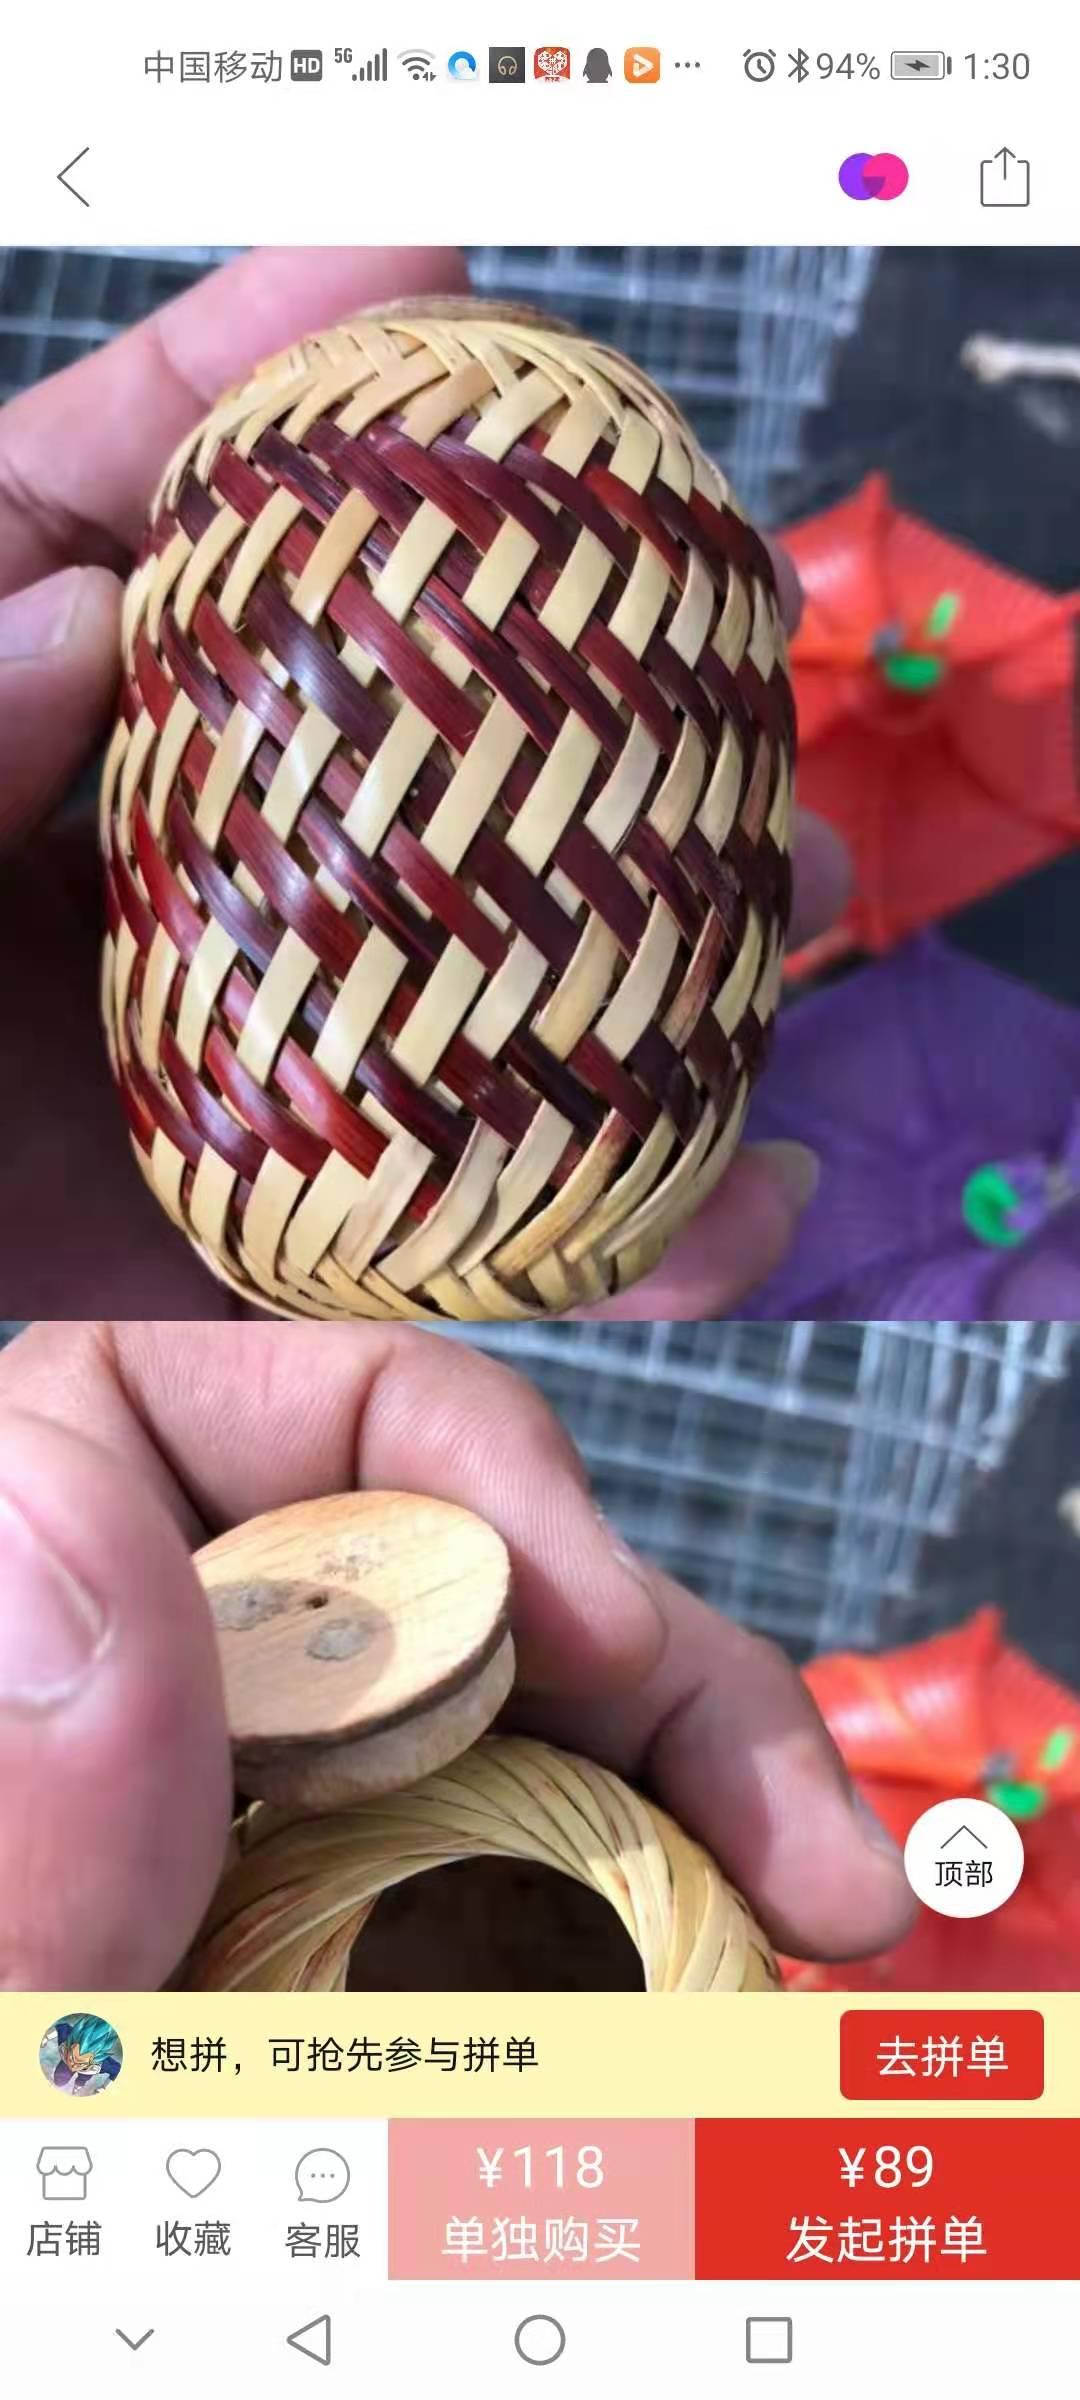 中国结论坛 求这个笼子的编织教程 教程,竹篮编织教程图解,蒸笼布的编织教程视频,编织鸟笼的视频教程 结艺互助区 151450fv5vu5ro5vv5se45